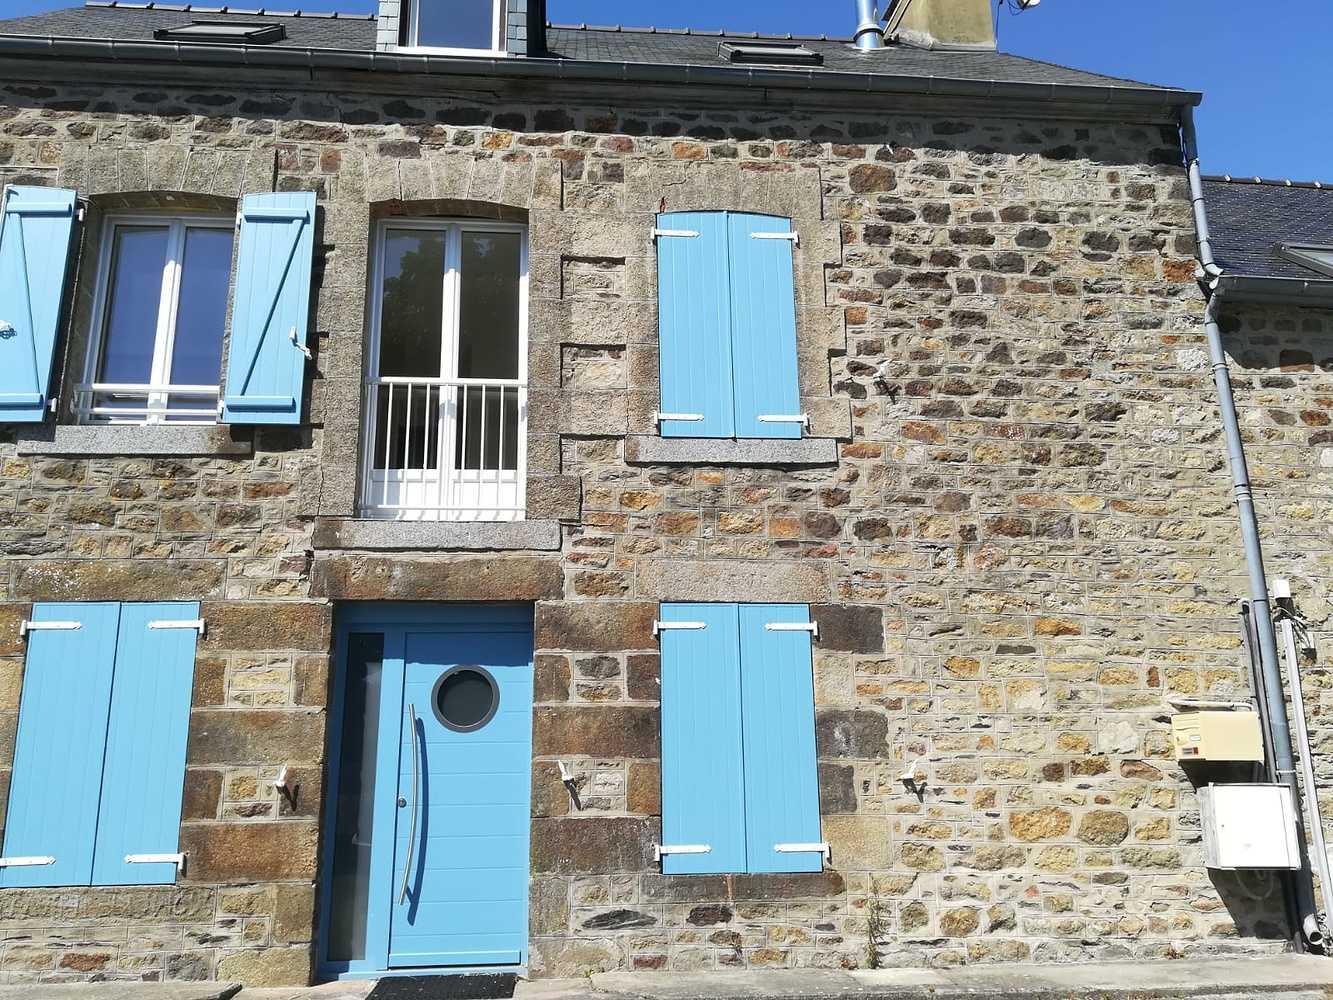 Installation d''une porte d''entrée et de volets bleus - Ille-et-Vilaine (35) 0